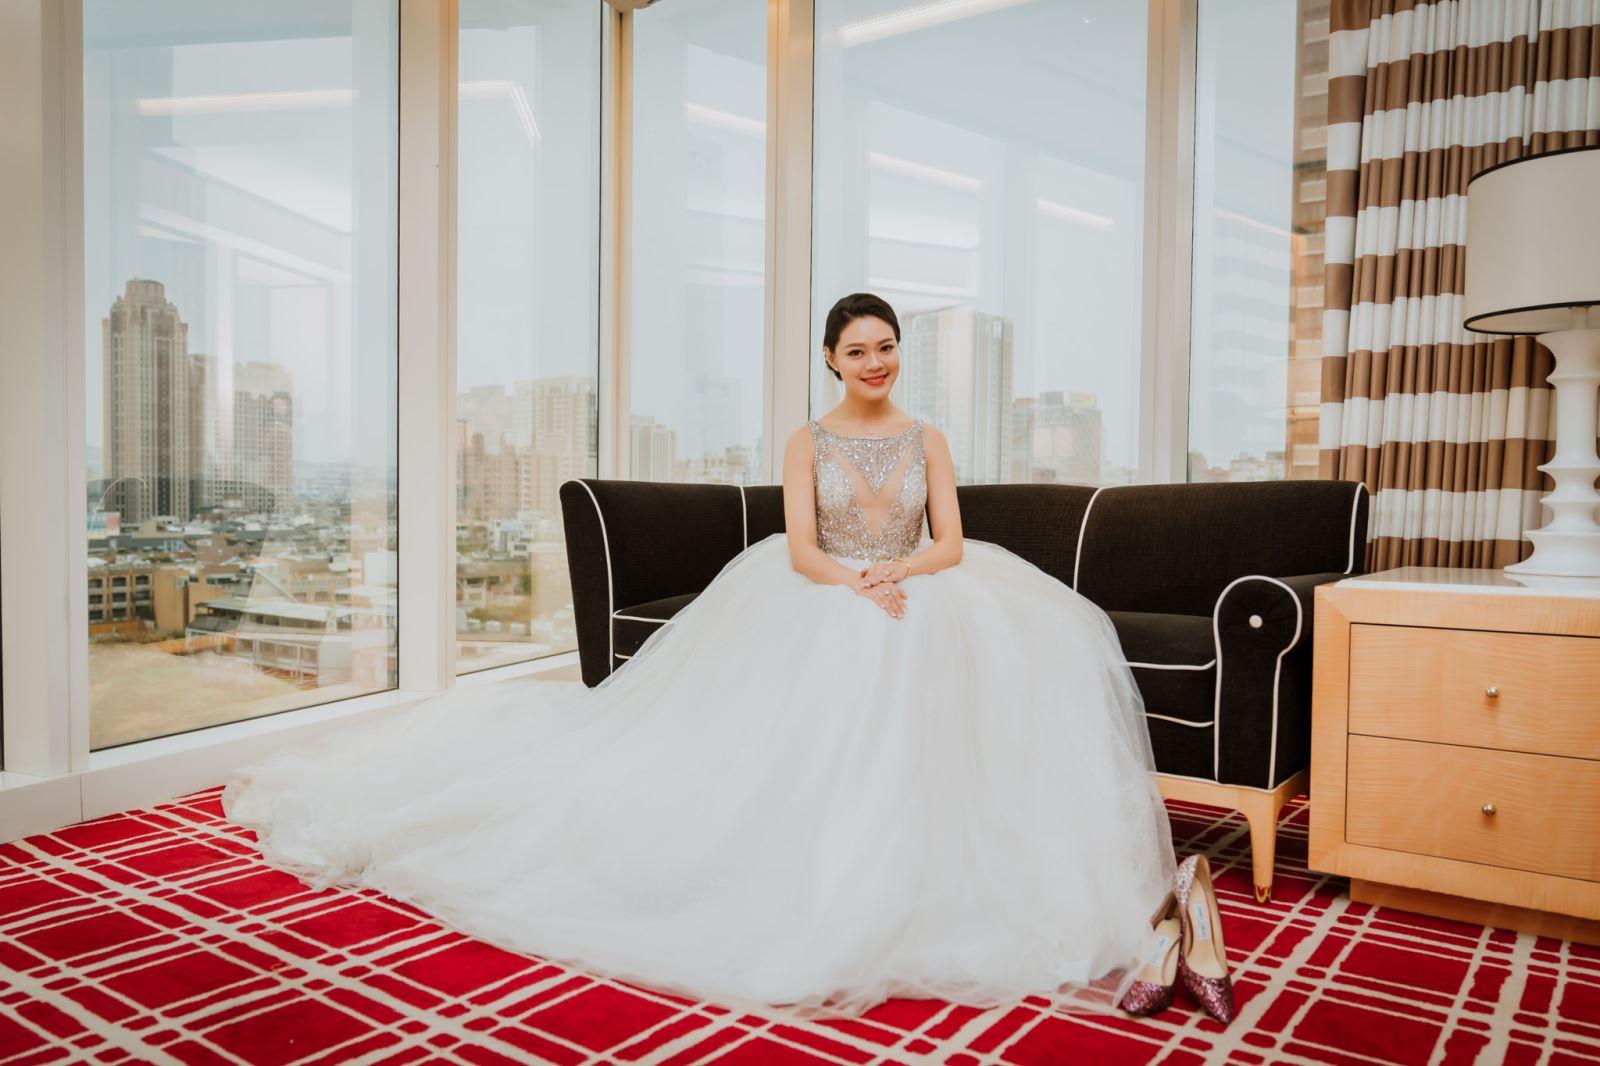 婚禮主持人純涵陪伴新娘等候新郎來娶回家